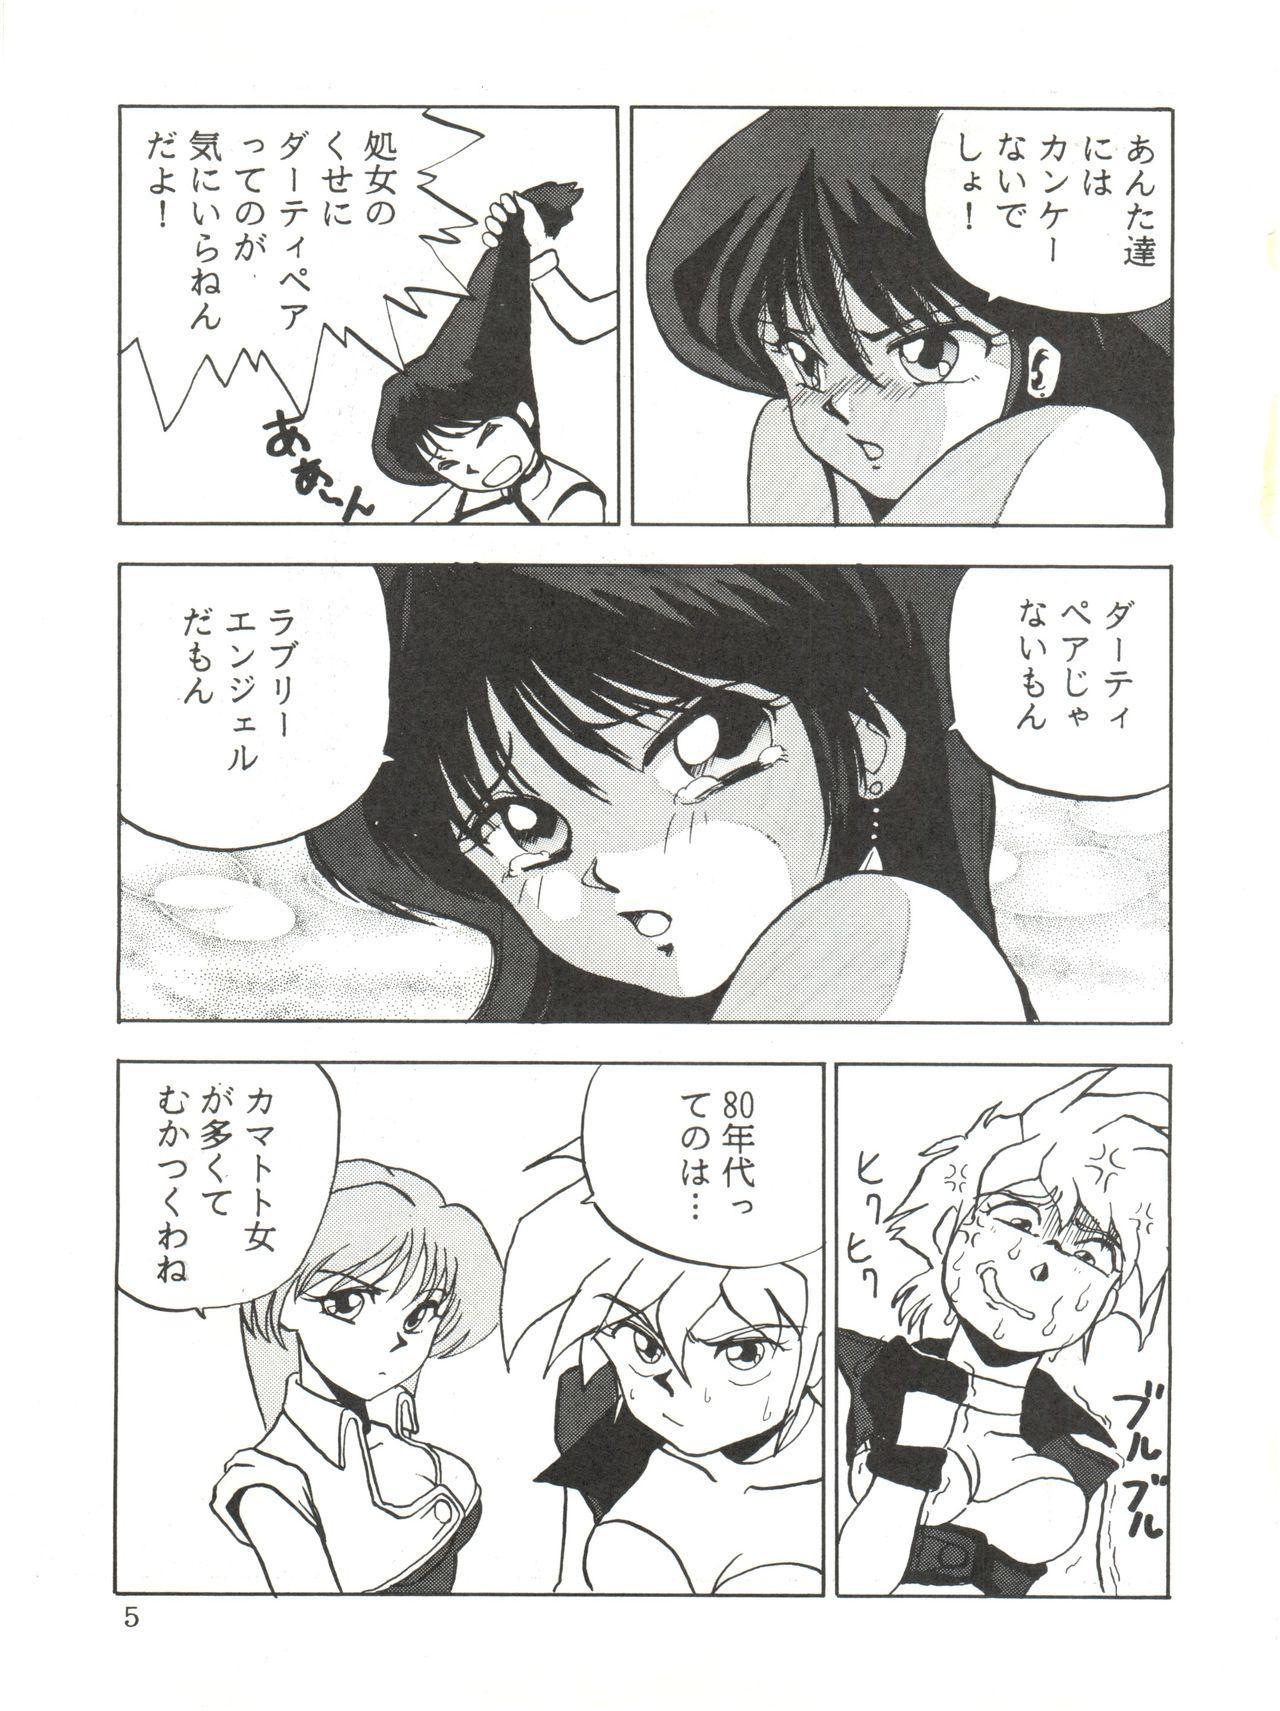 Animedorei 5